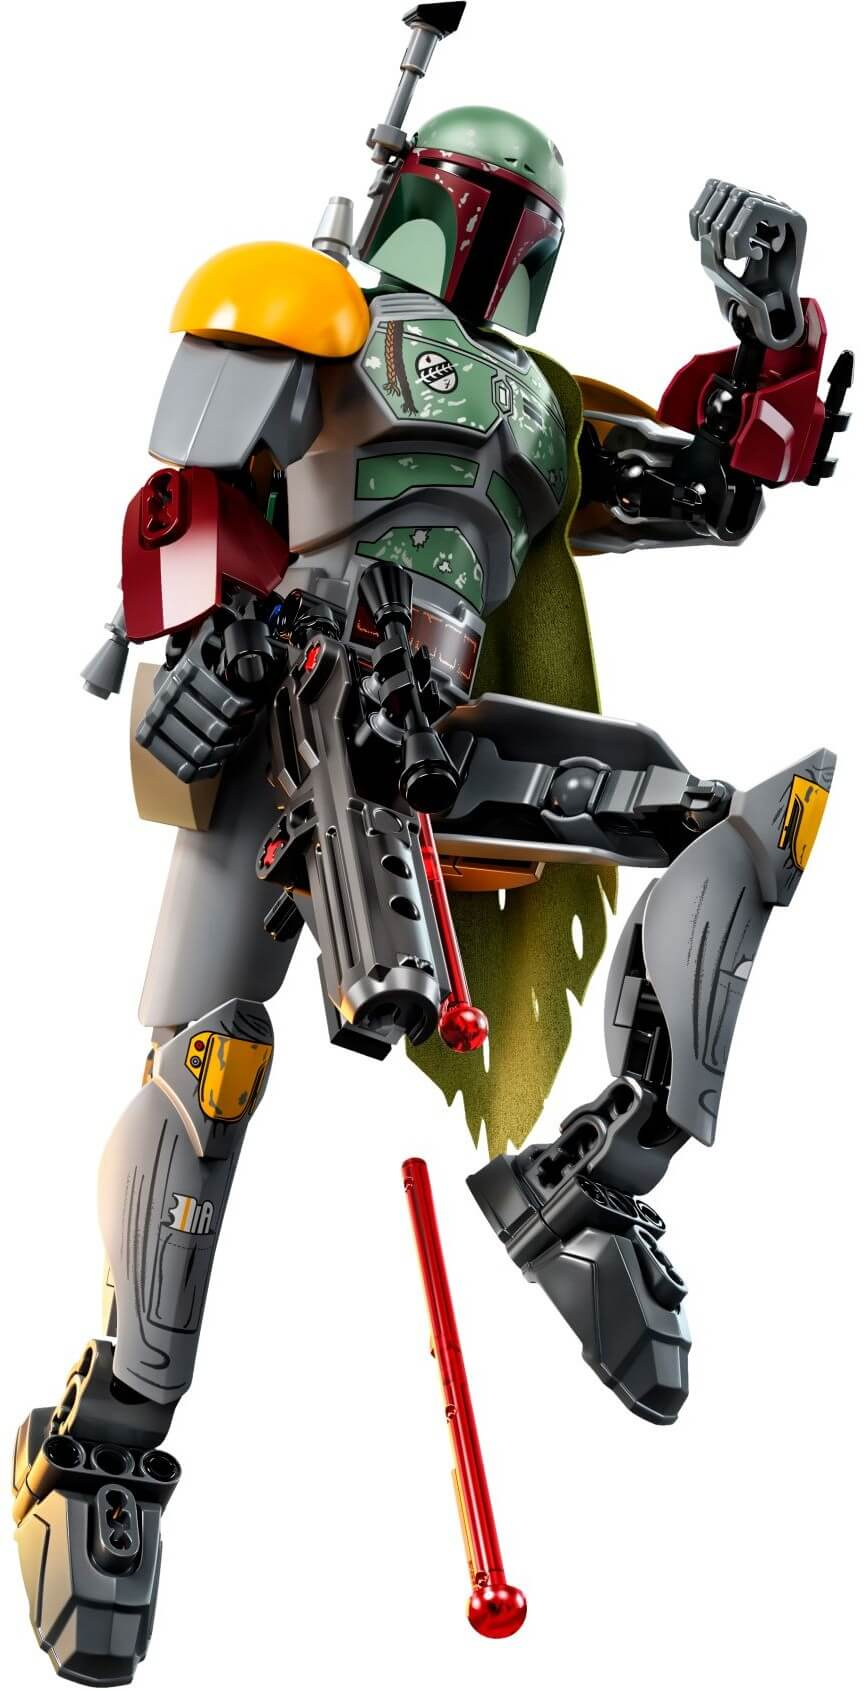 Mua đồ chơi LEGO 75533 - LEGO Star Wars 75533 - Boba Fett (LEGO Star Wars 75533 Boba Fett)